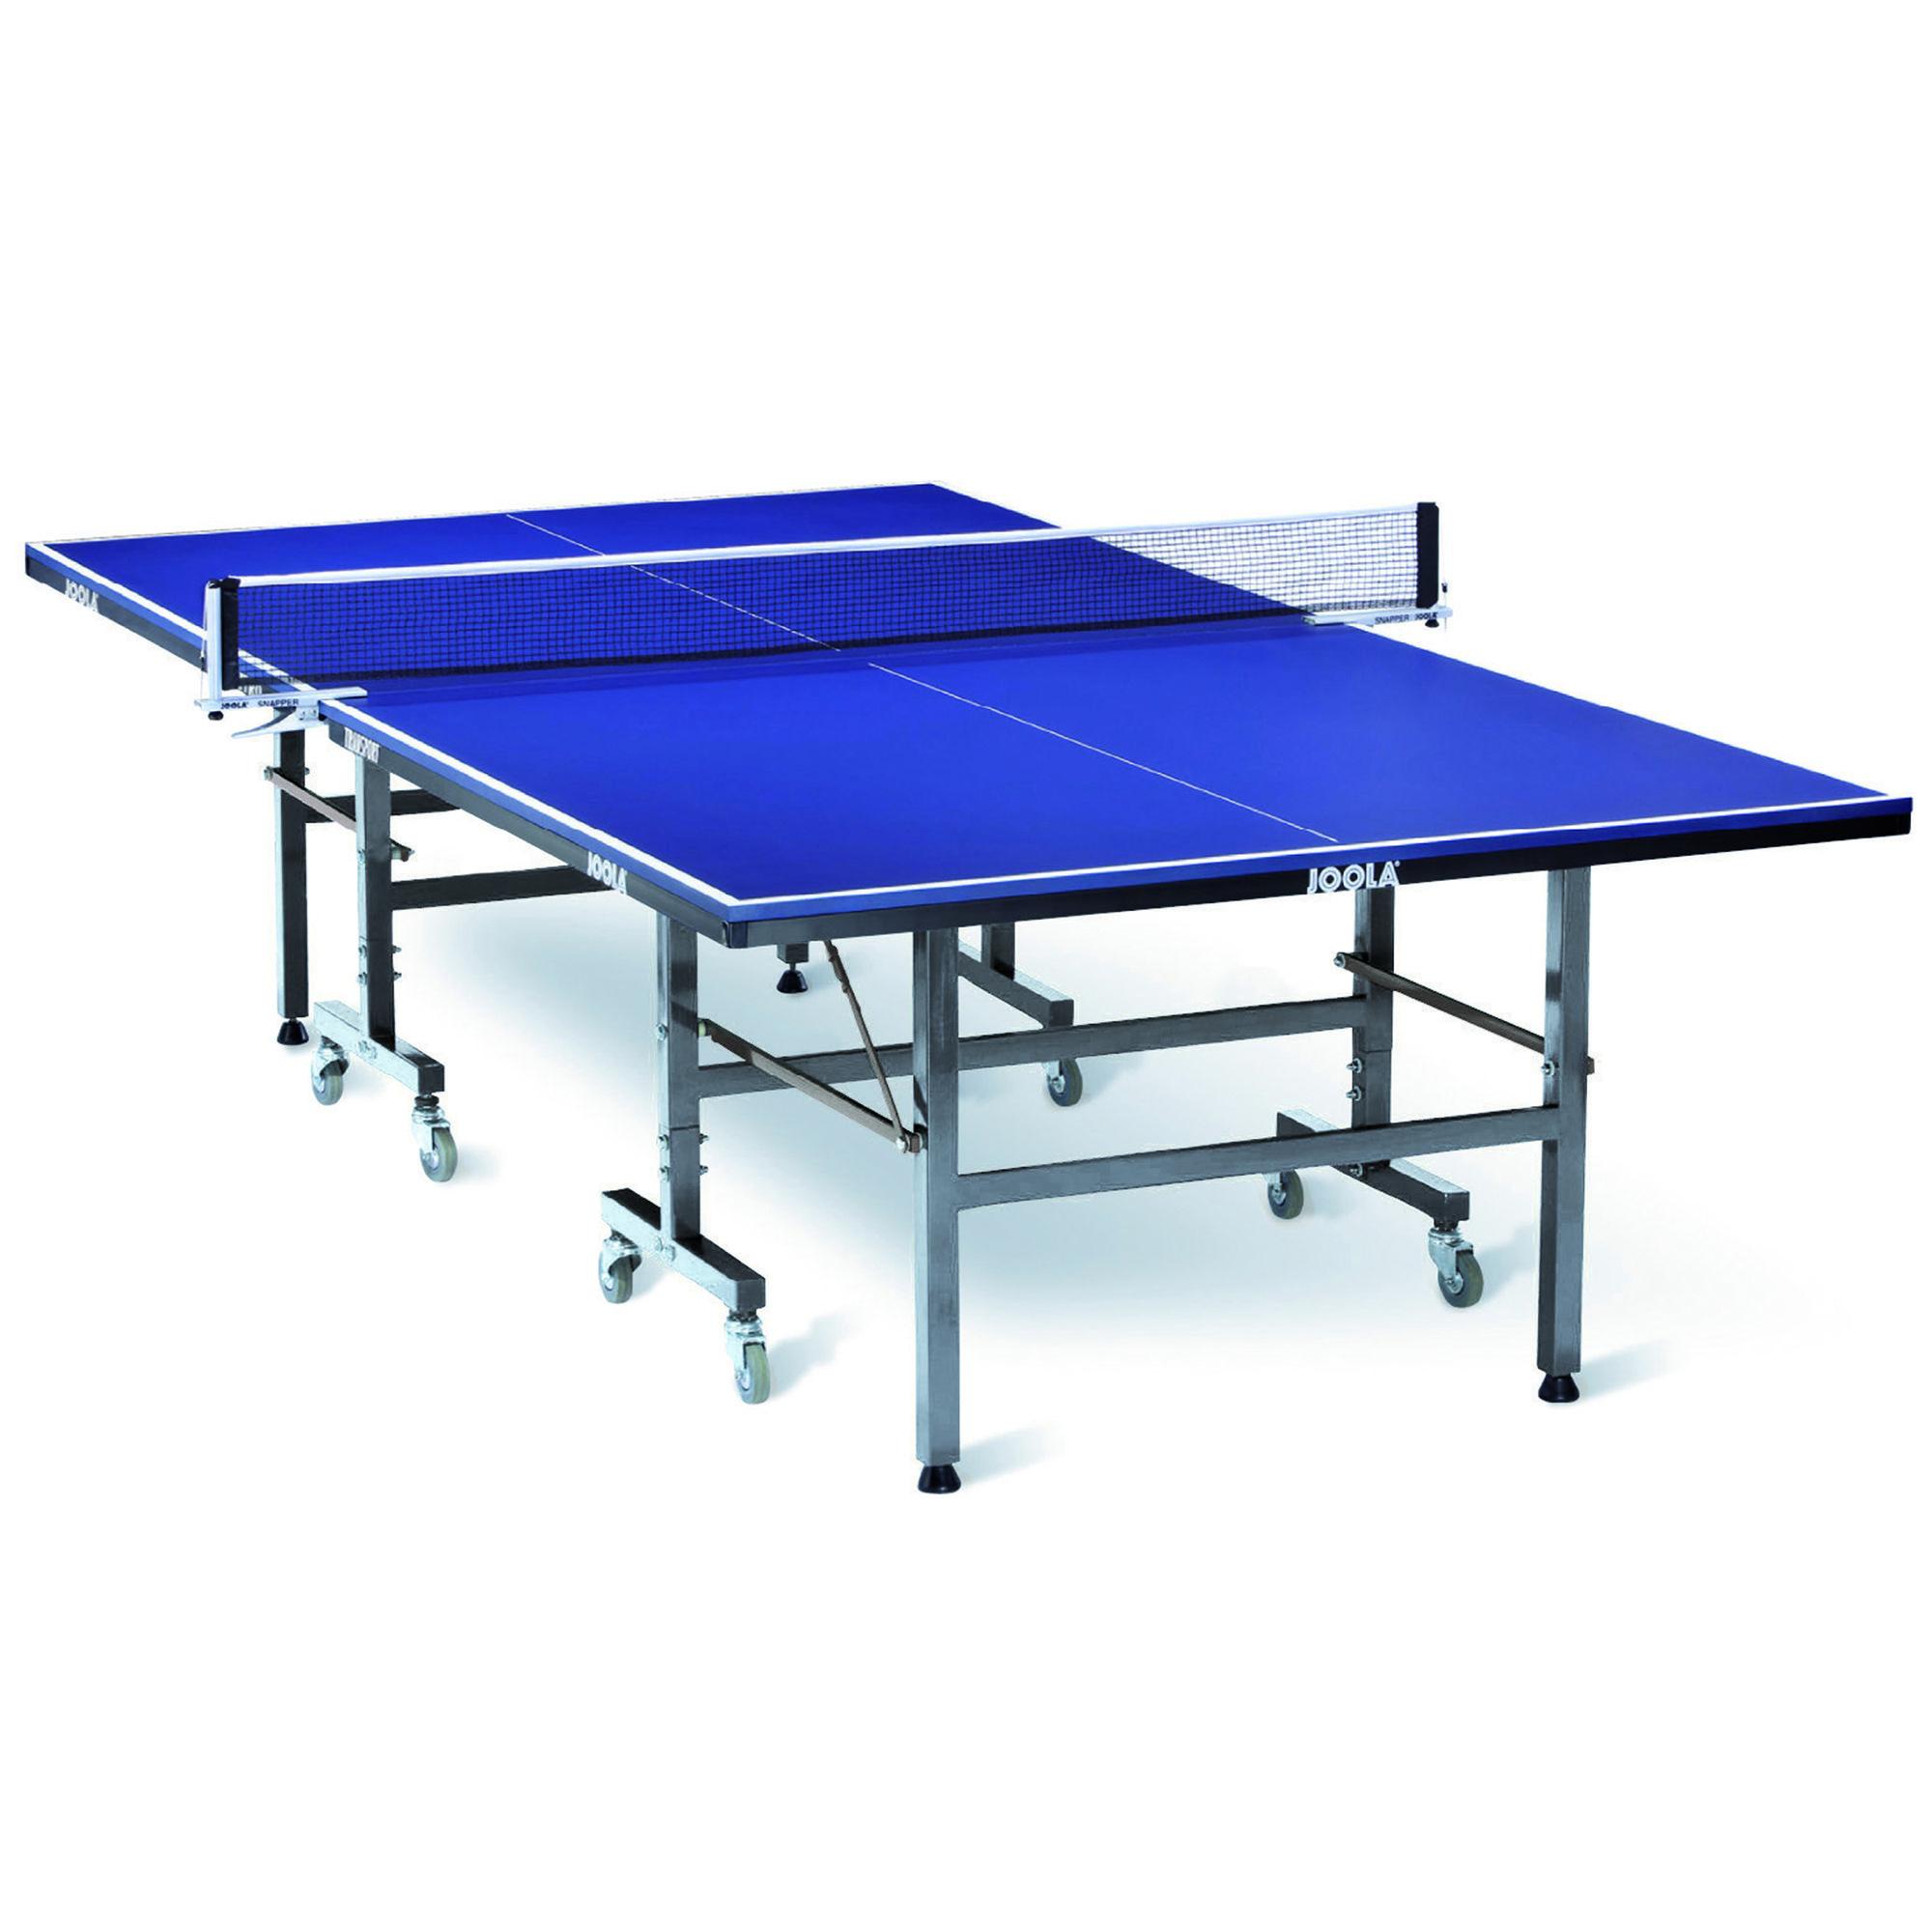 Table de tennis de table int rieur transport joola clubs for Table interieur